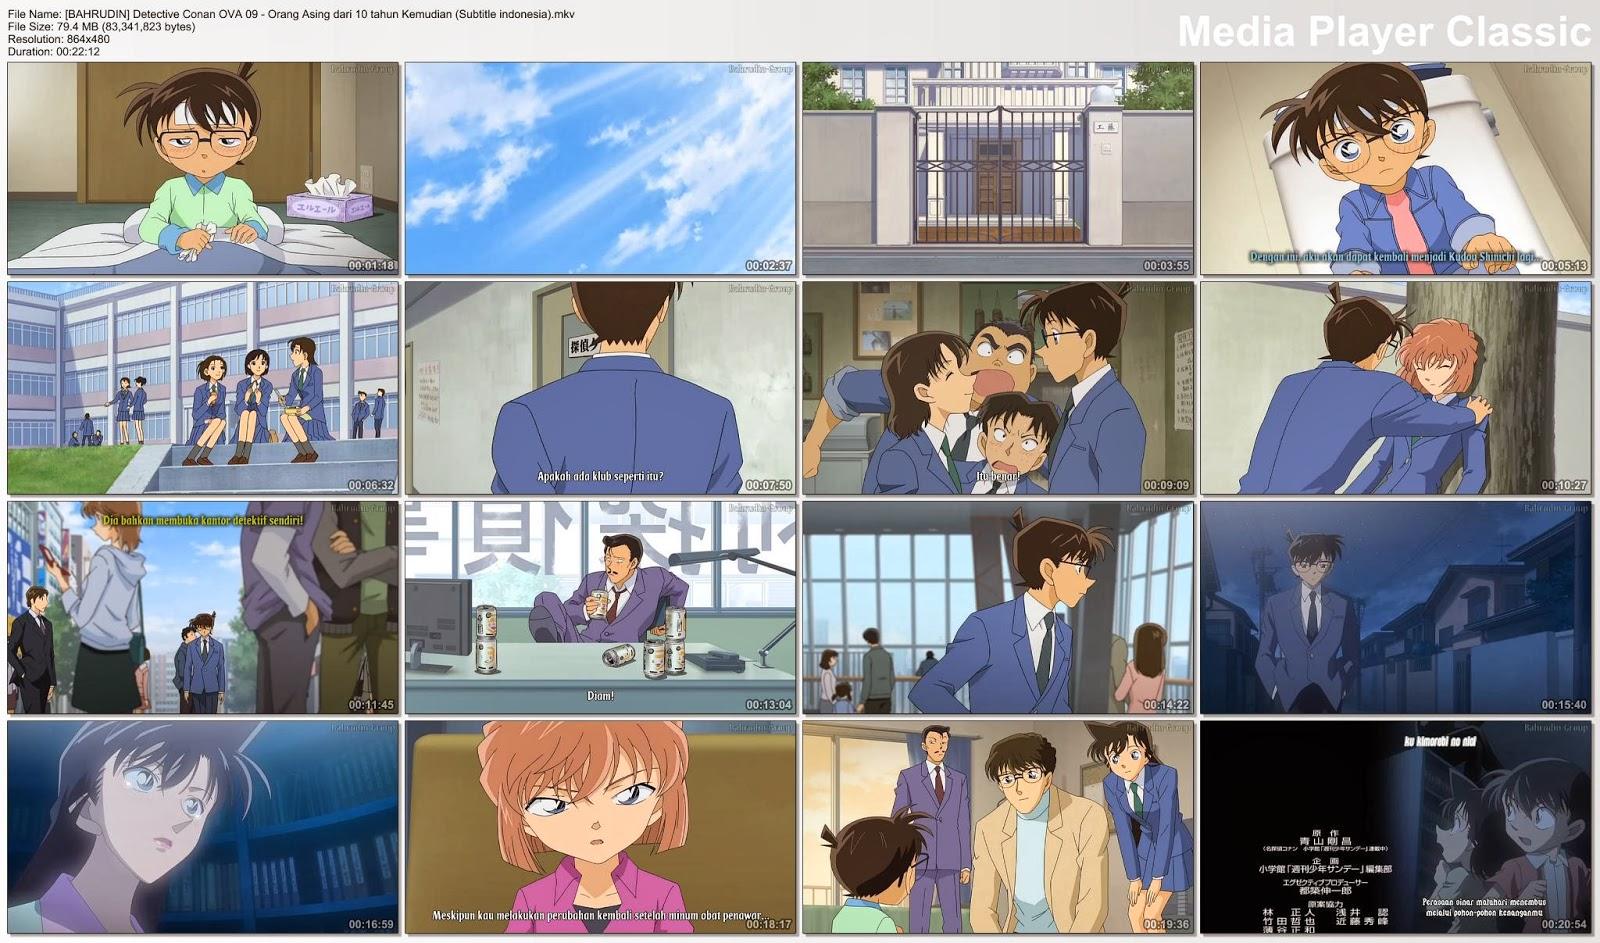 AF_Detective Conan Sub Indo: Detective Conan OVA Bagian 9 - Orang Asing  dari 10 tahun Kemudian SUB INDO